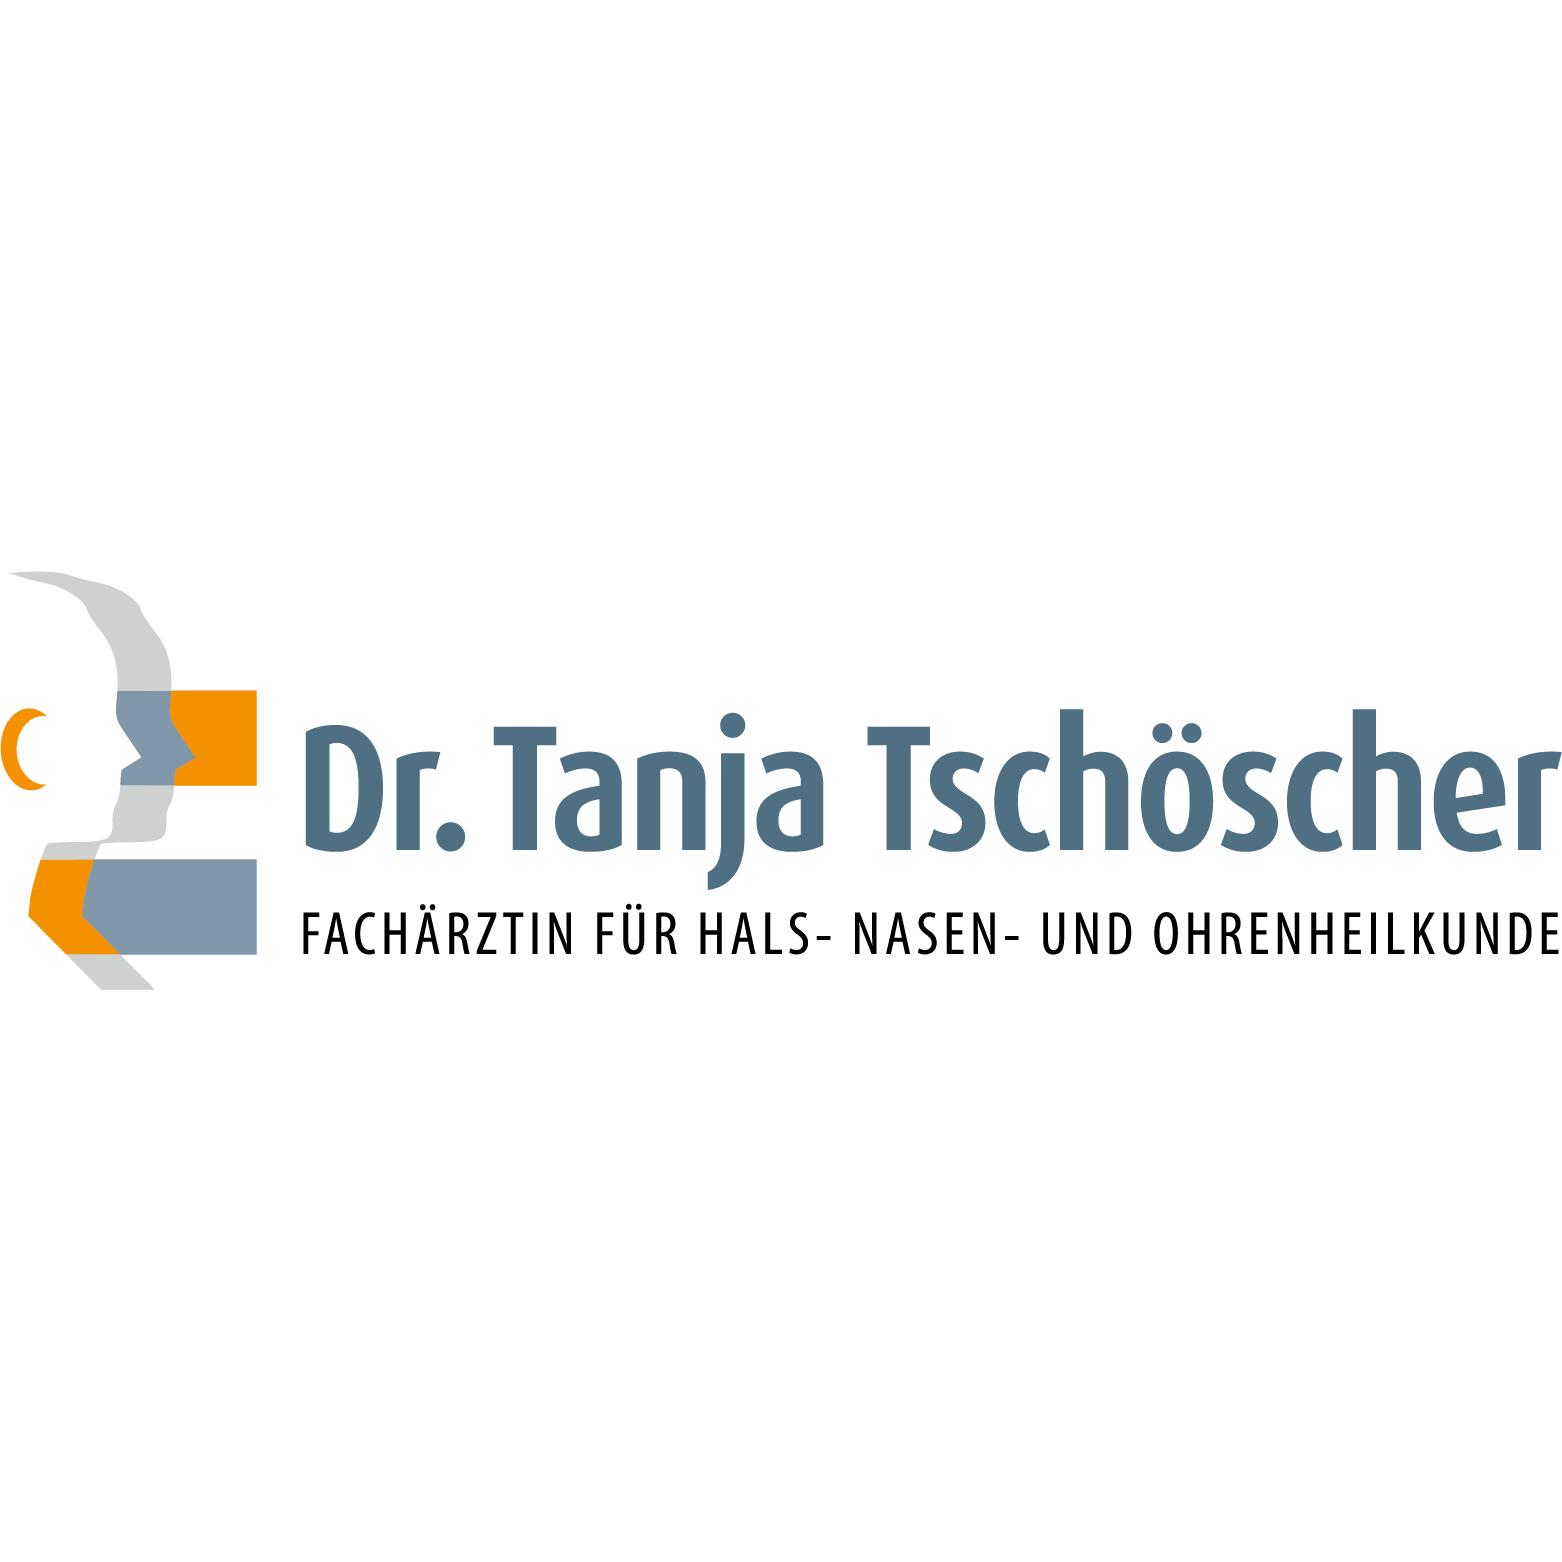 Dr. Tanja Tschöscher in 9020 Klagenfurt am Wörthersee - Logo